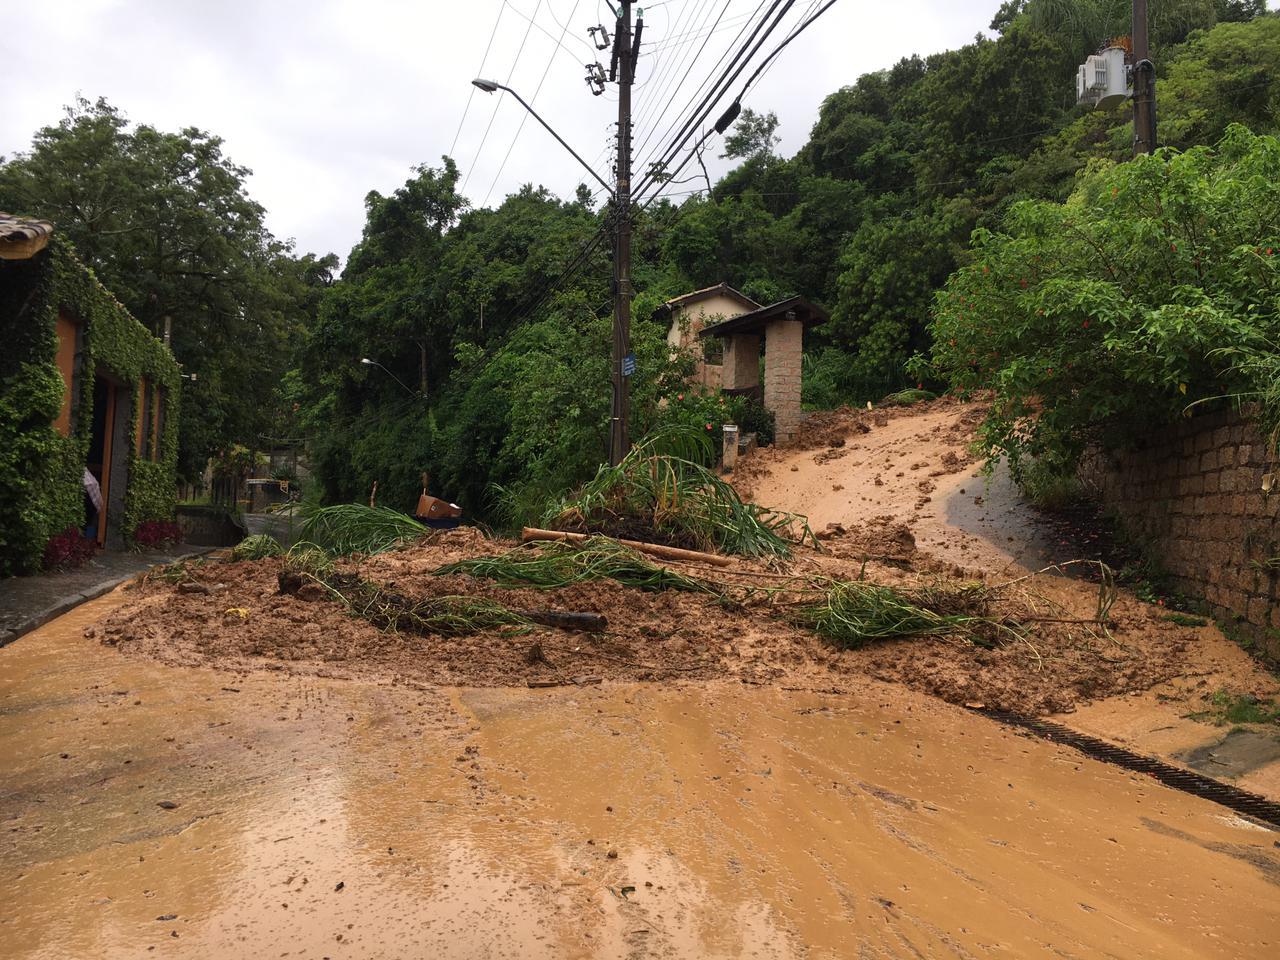 Deslizamento em Ponta das Canas, no Norte da Ilha, danificou o muro de uma pousada. - Ana Vaz/Divulgação/ND